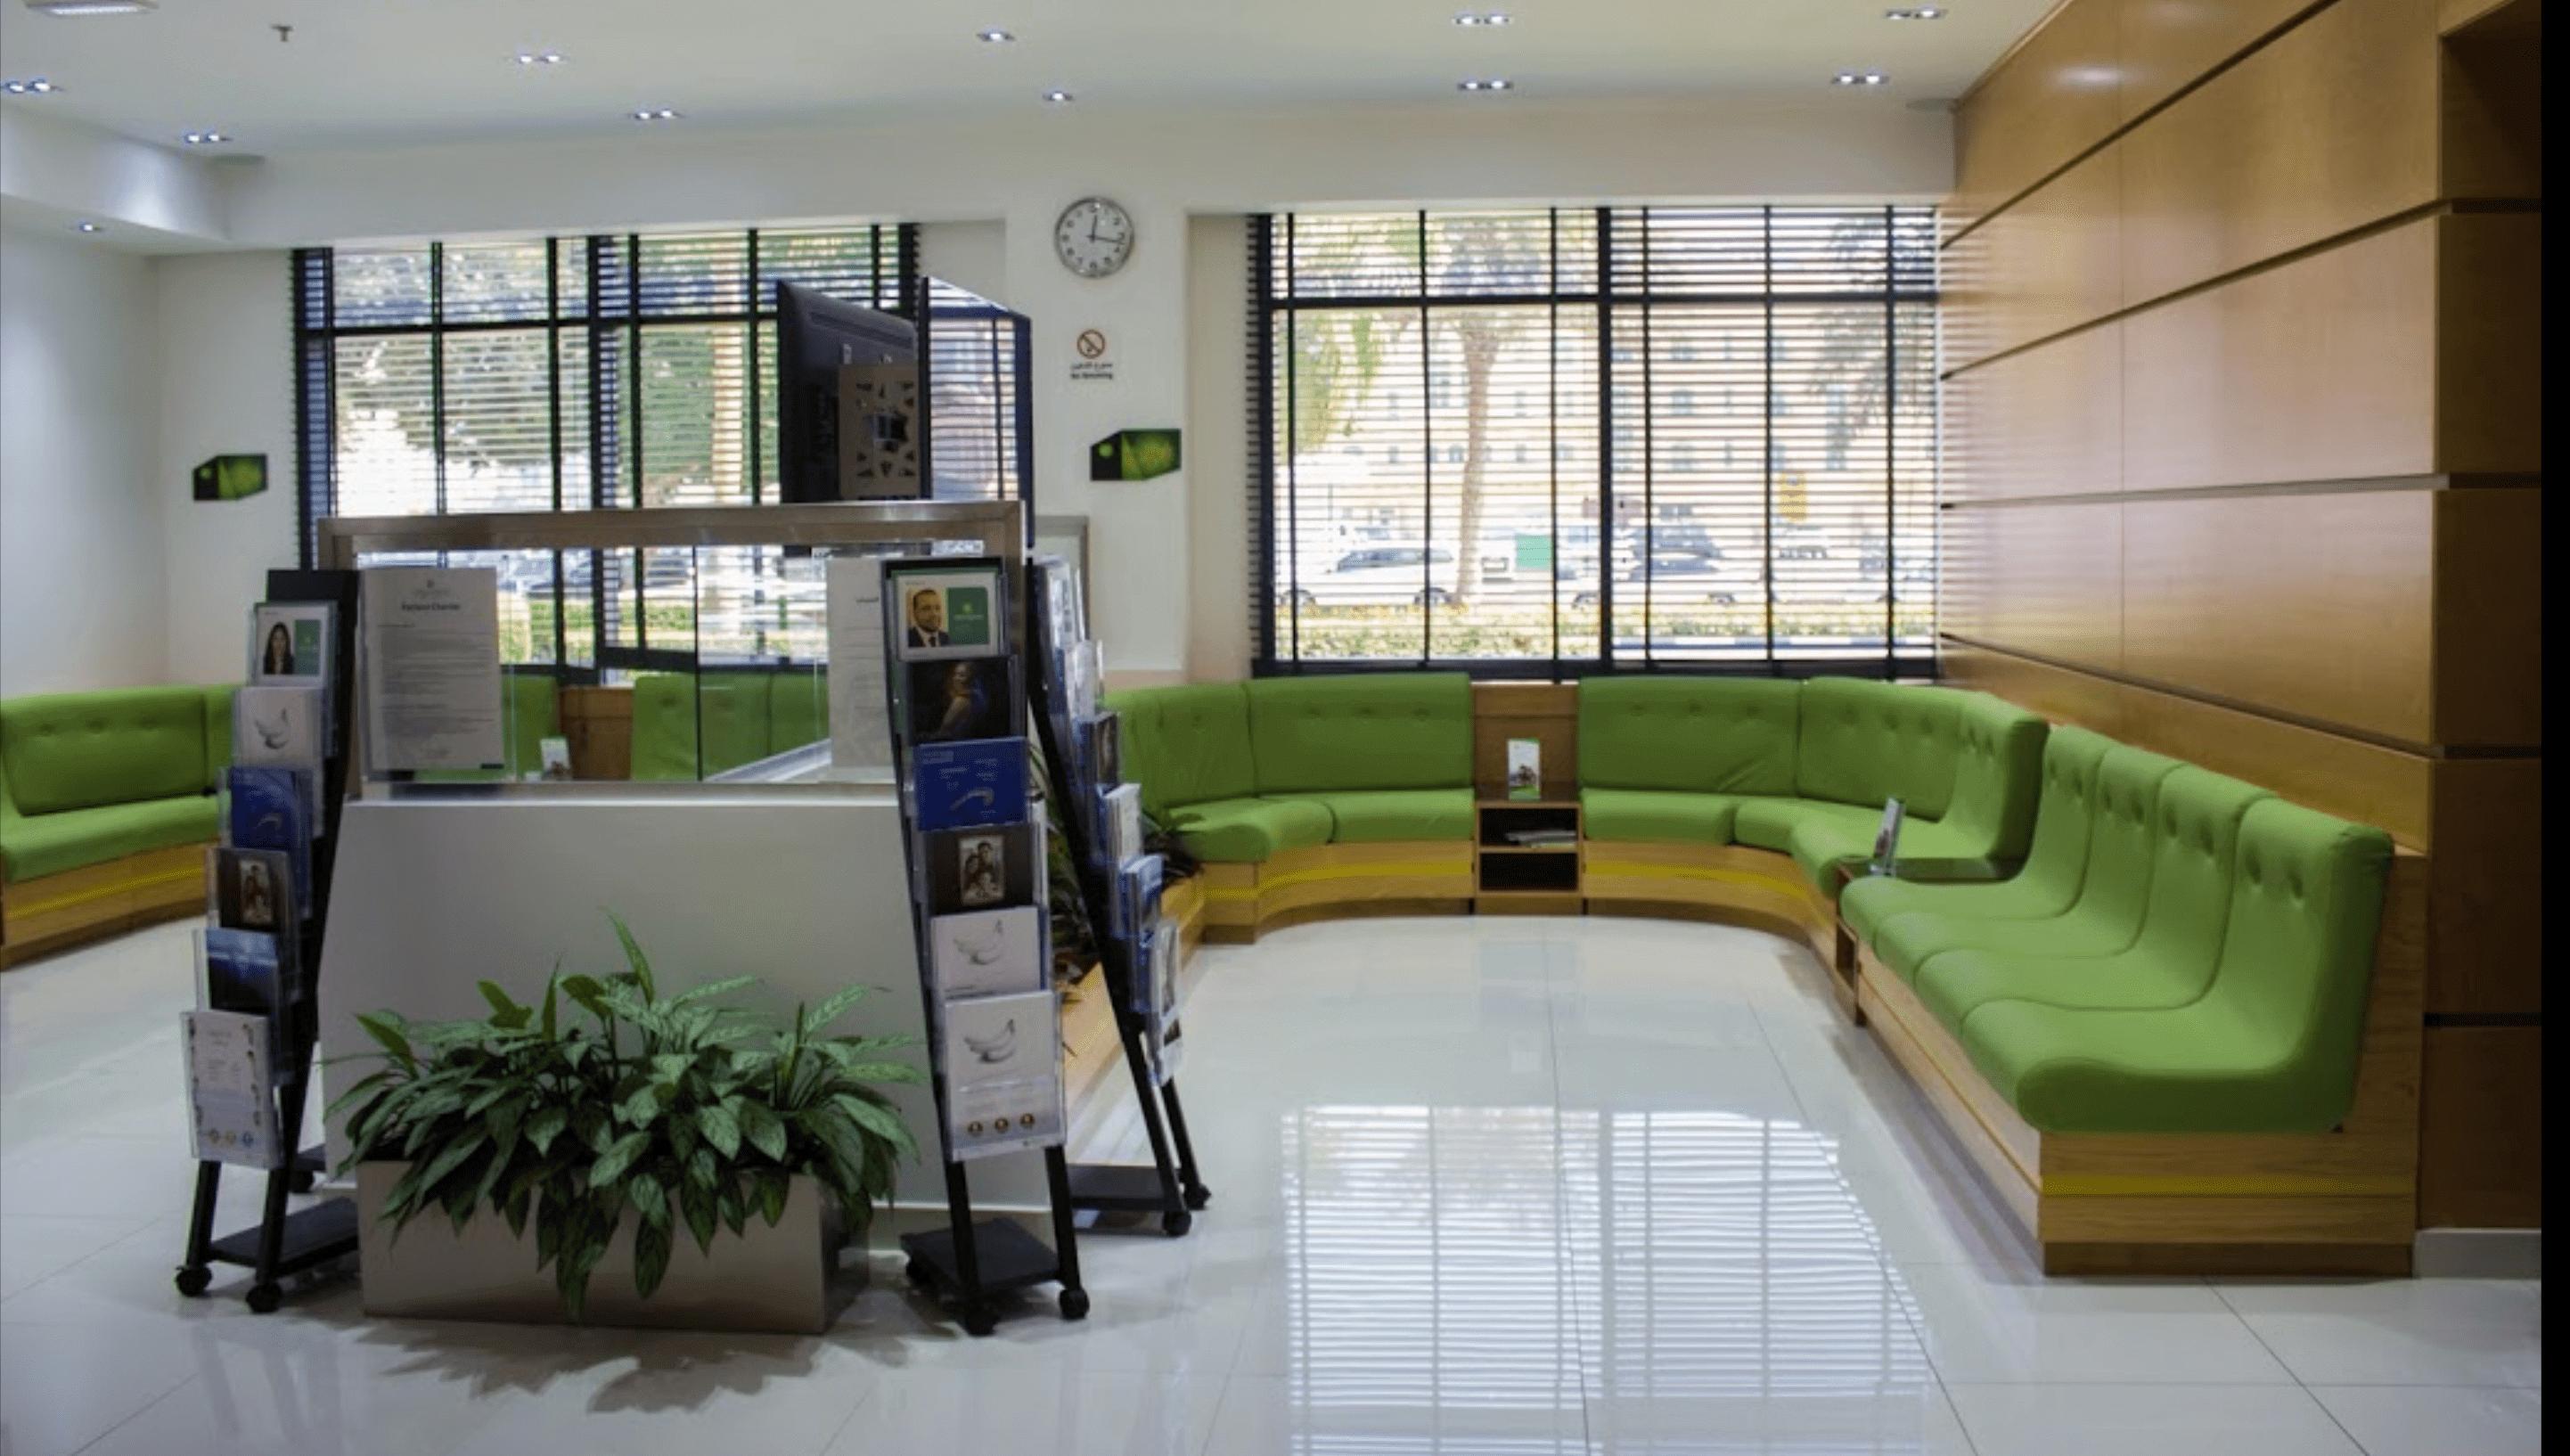 Doctors Clinic Diagnostic Center 0